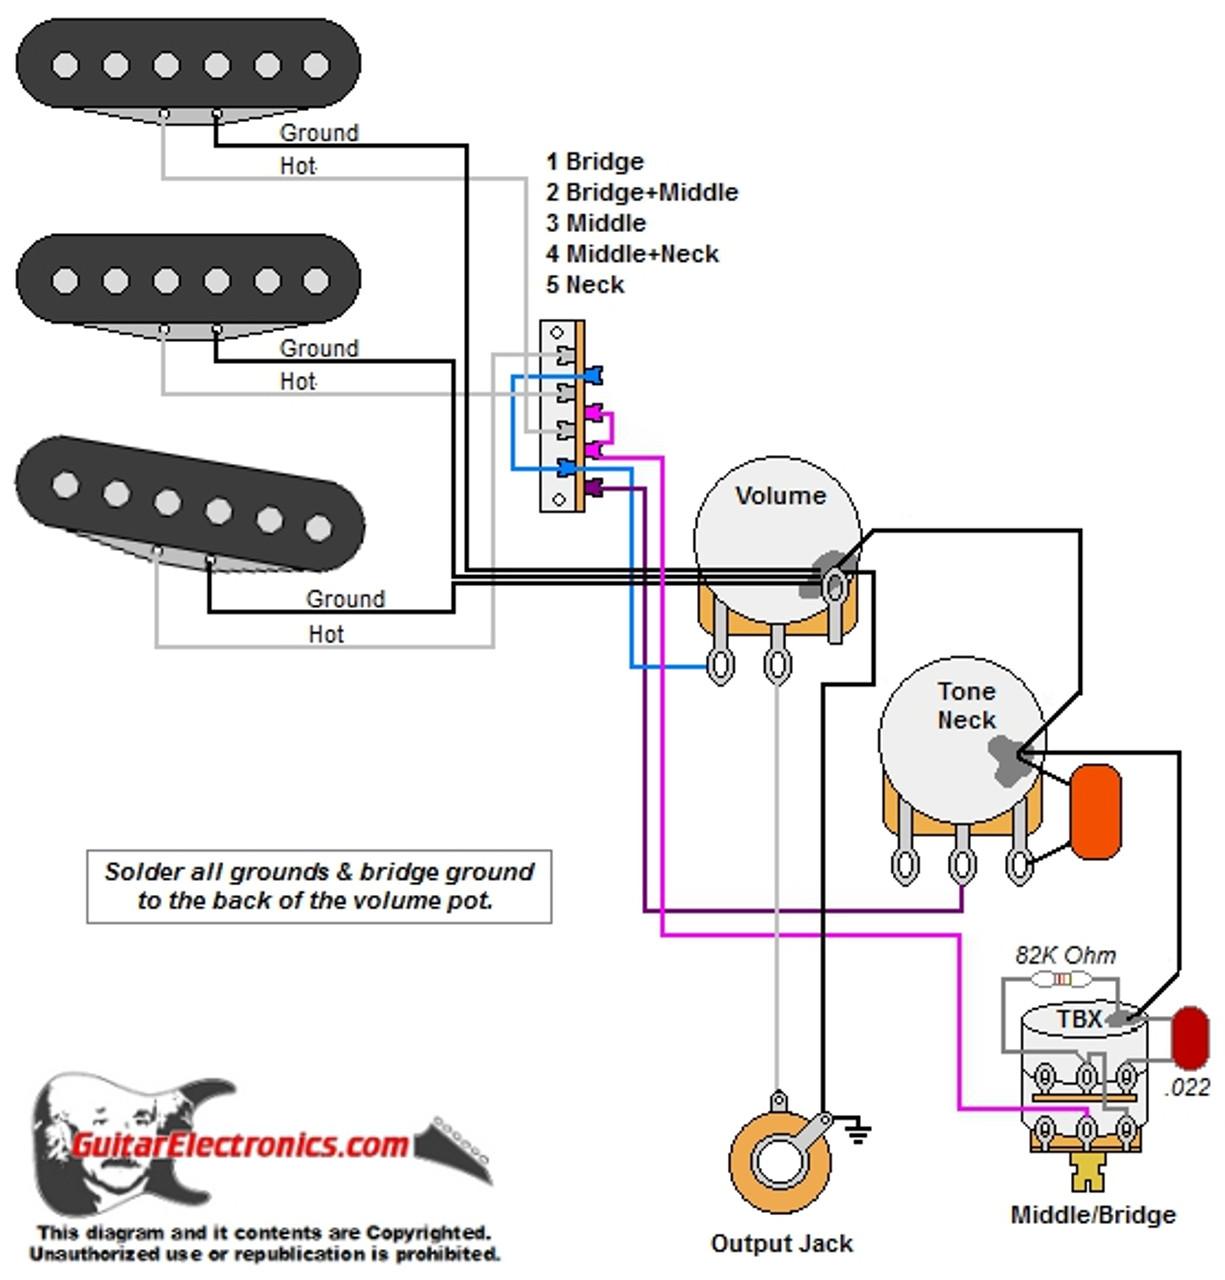 medium resolution of strat w tbx tone control fender strat pickguard wiring diagram wdusss5l1205 92758 1481686223 jpg c